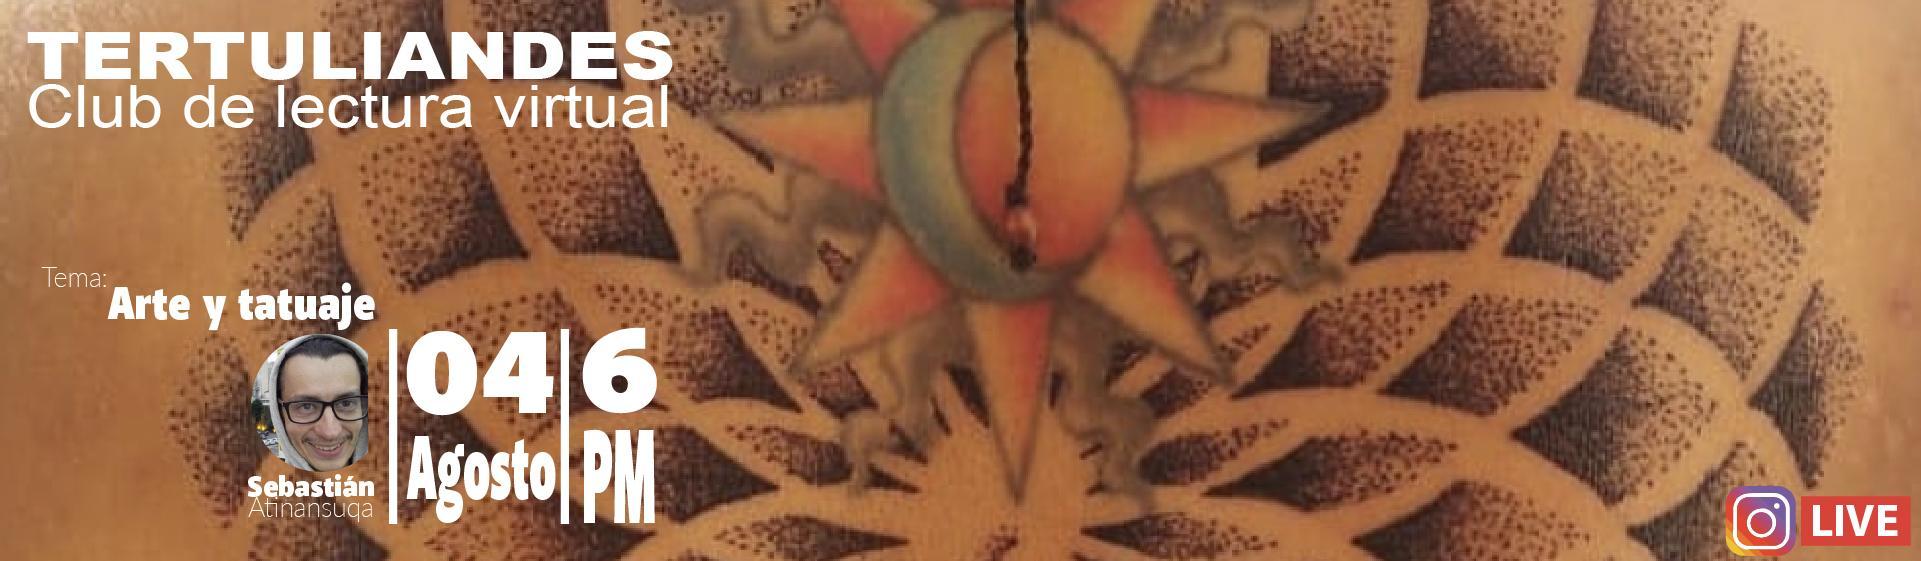 Tertuliandes: Arte y tatuaje | Uniandes